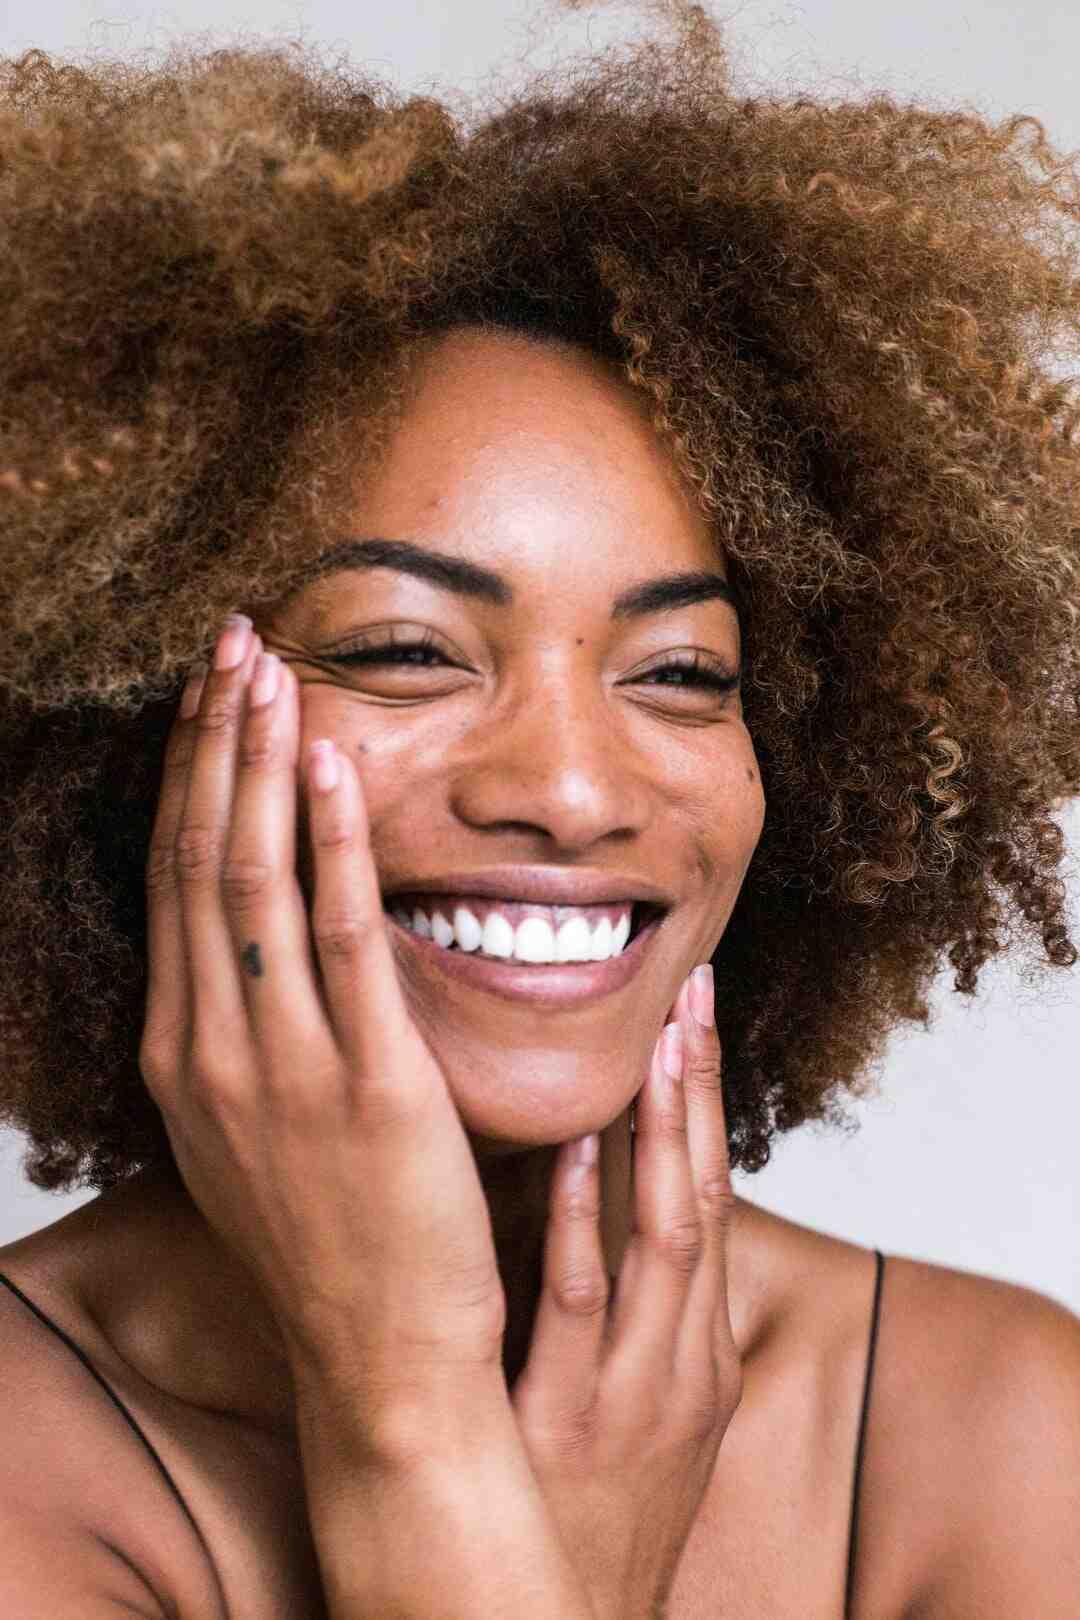 Comment faire quand on a une peau très sèche ?